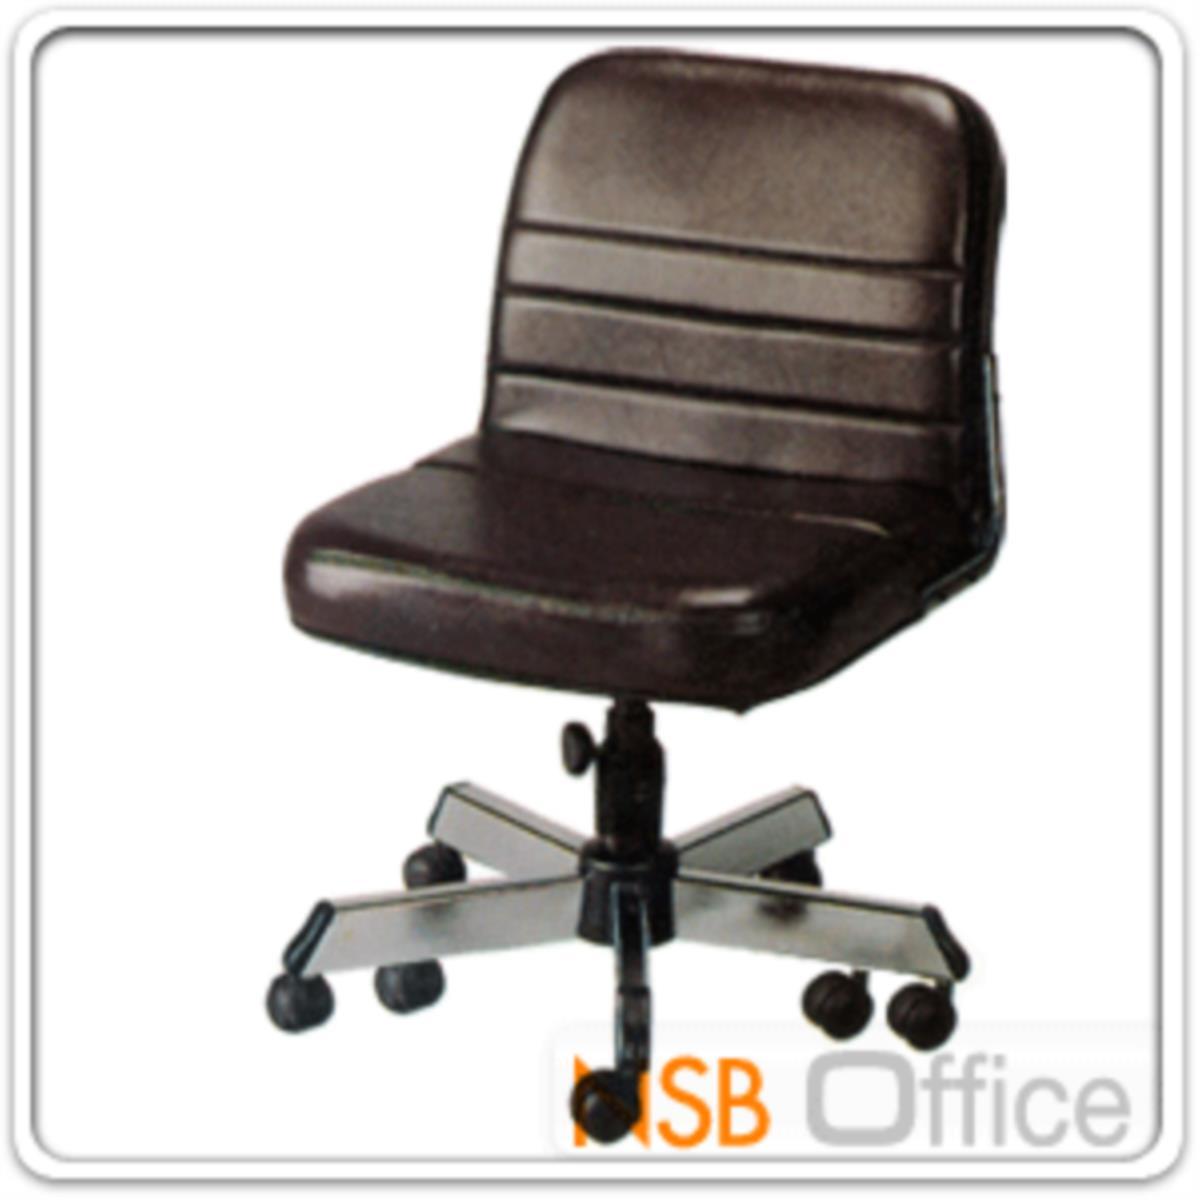 เก้าอี้สำนักงาน รุ่น Cardarople  ขาเหล็ก 10 ล้อ